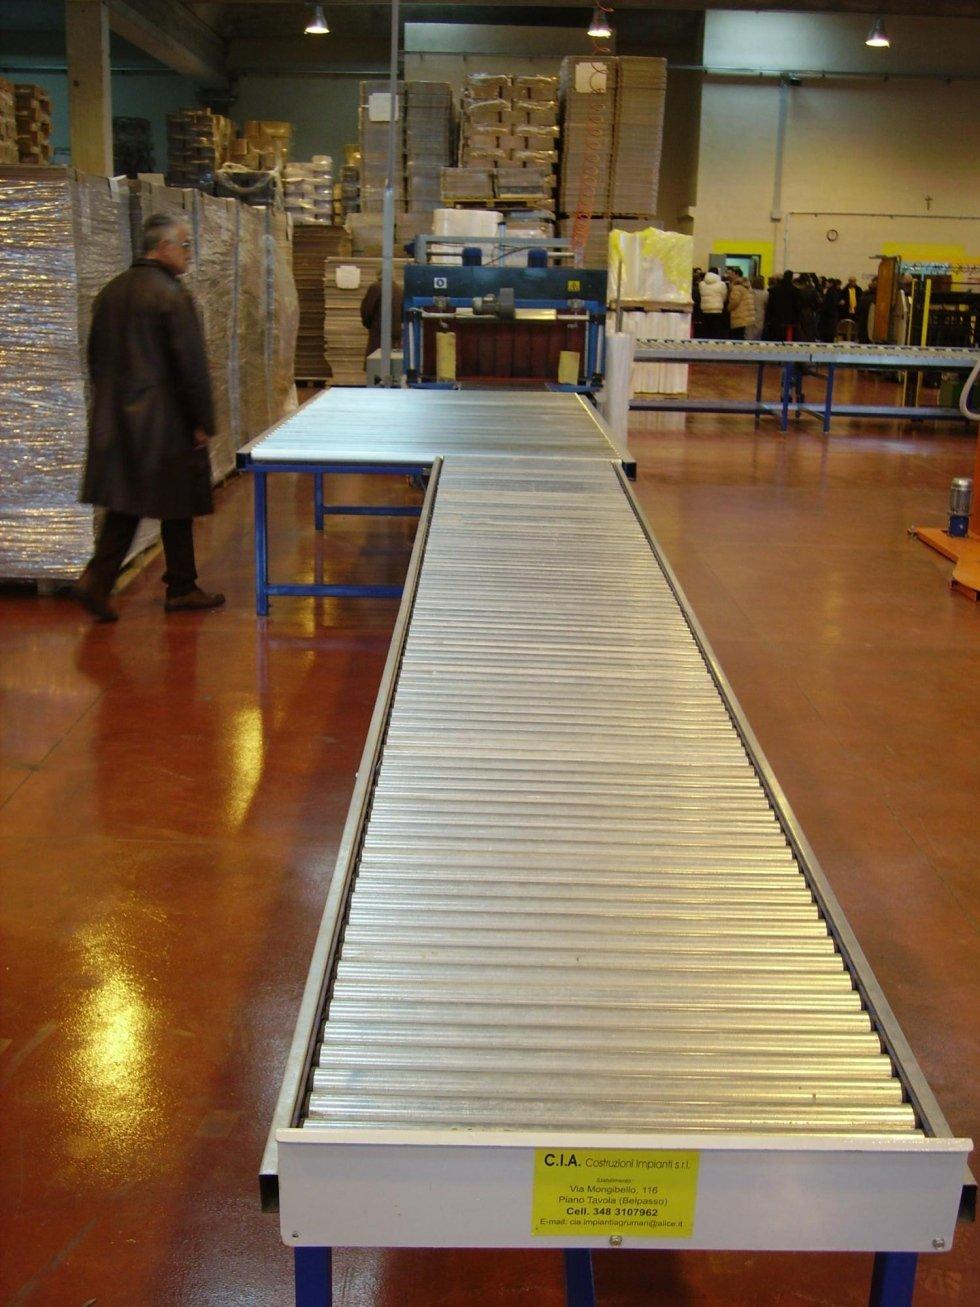 un nastro trasportatore a rulli in una fabbrica con vista dei bancali con del materiale e un uomo